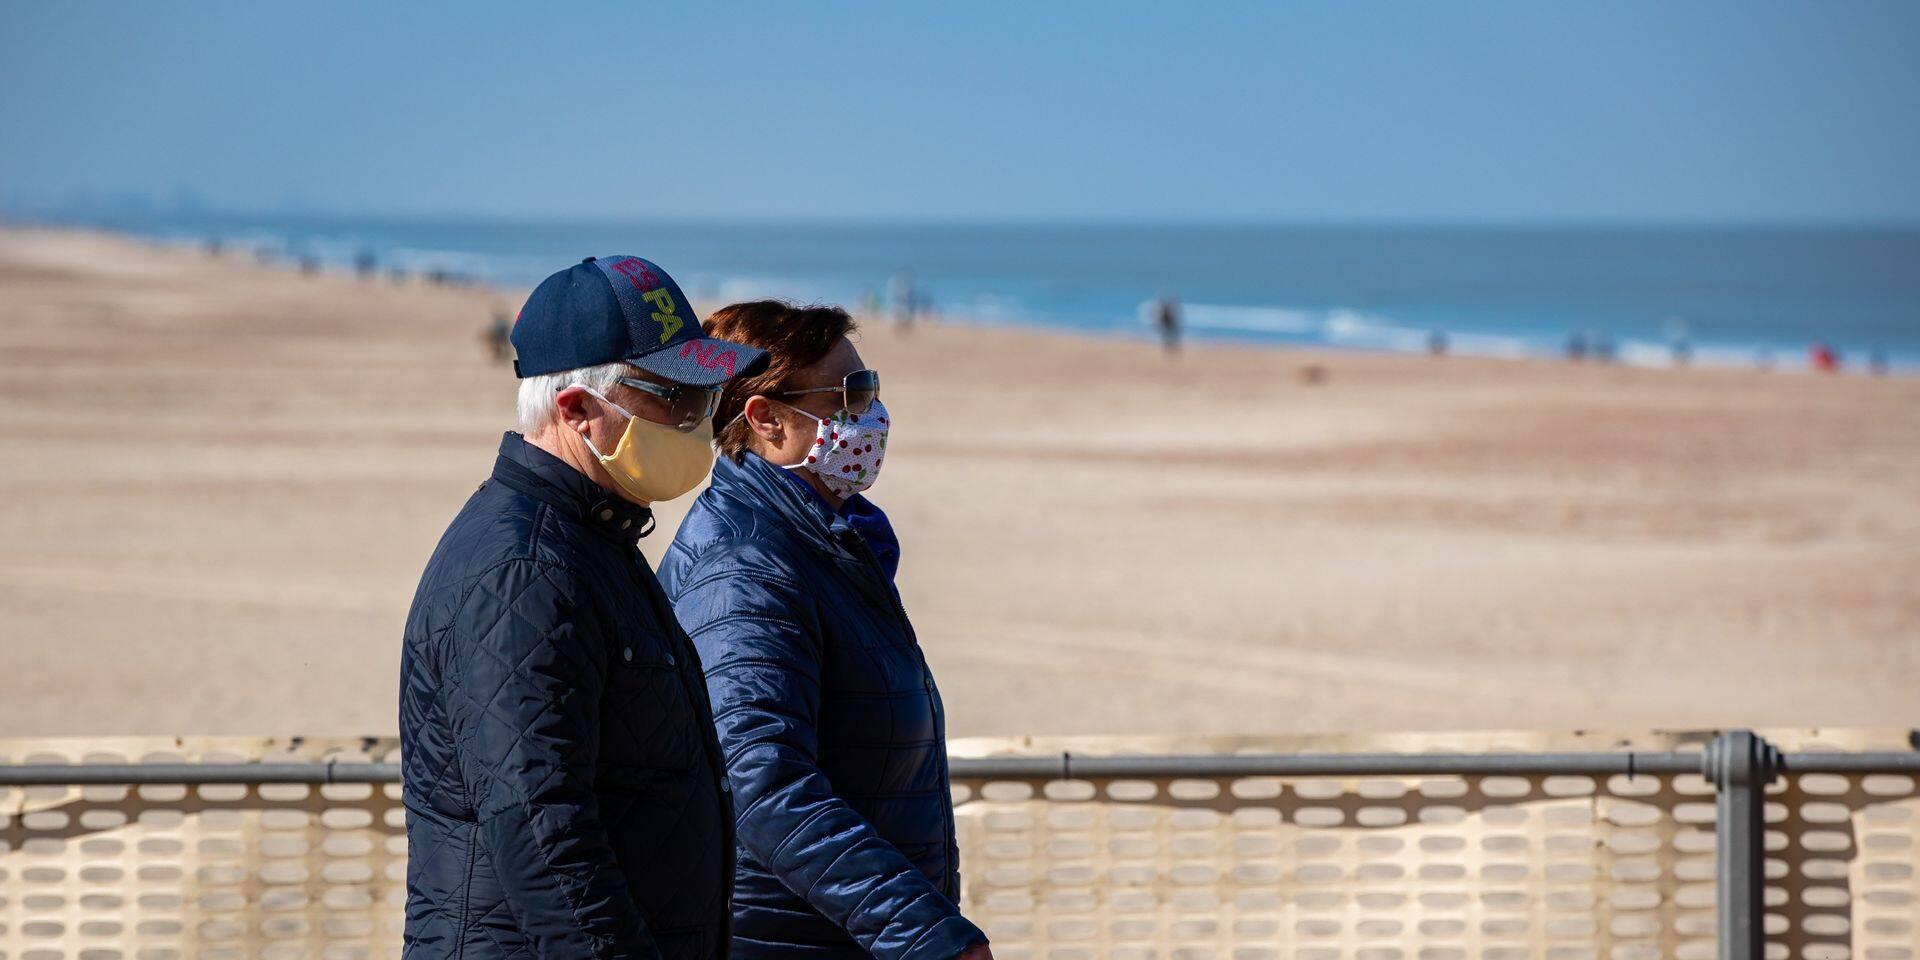 Le masque sera obligatoire sur la digue à la Mer du Nord durant les vacances de carnaval